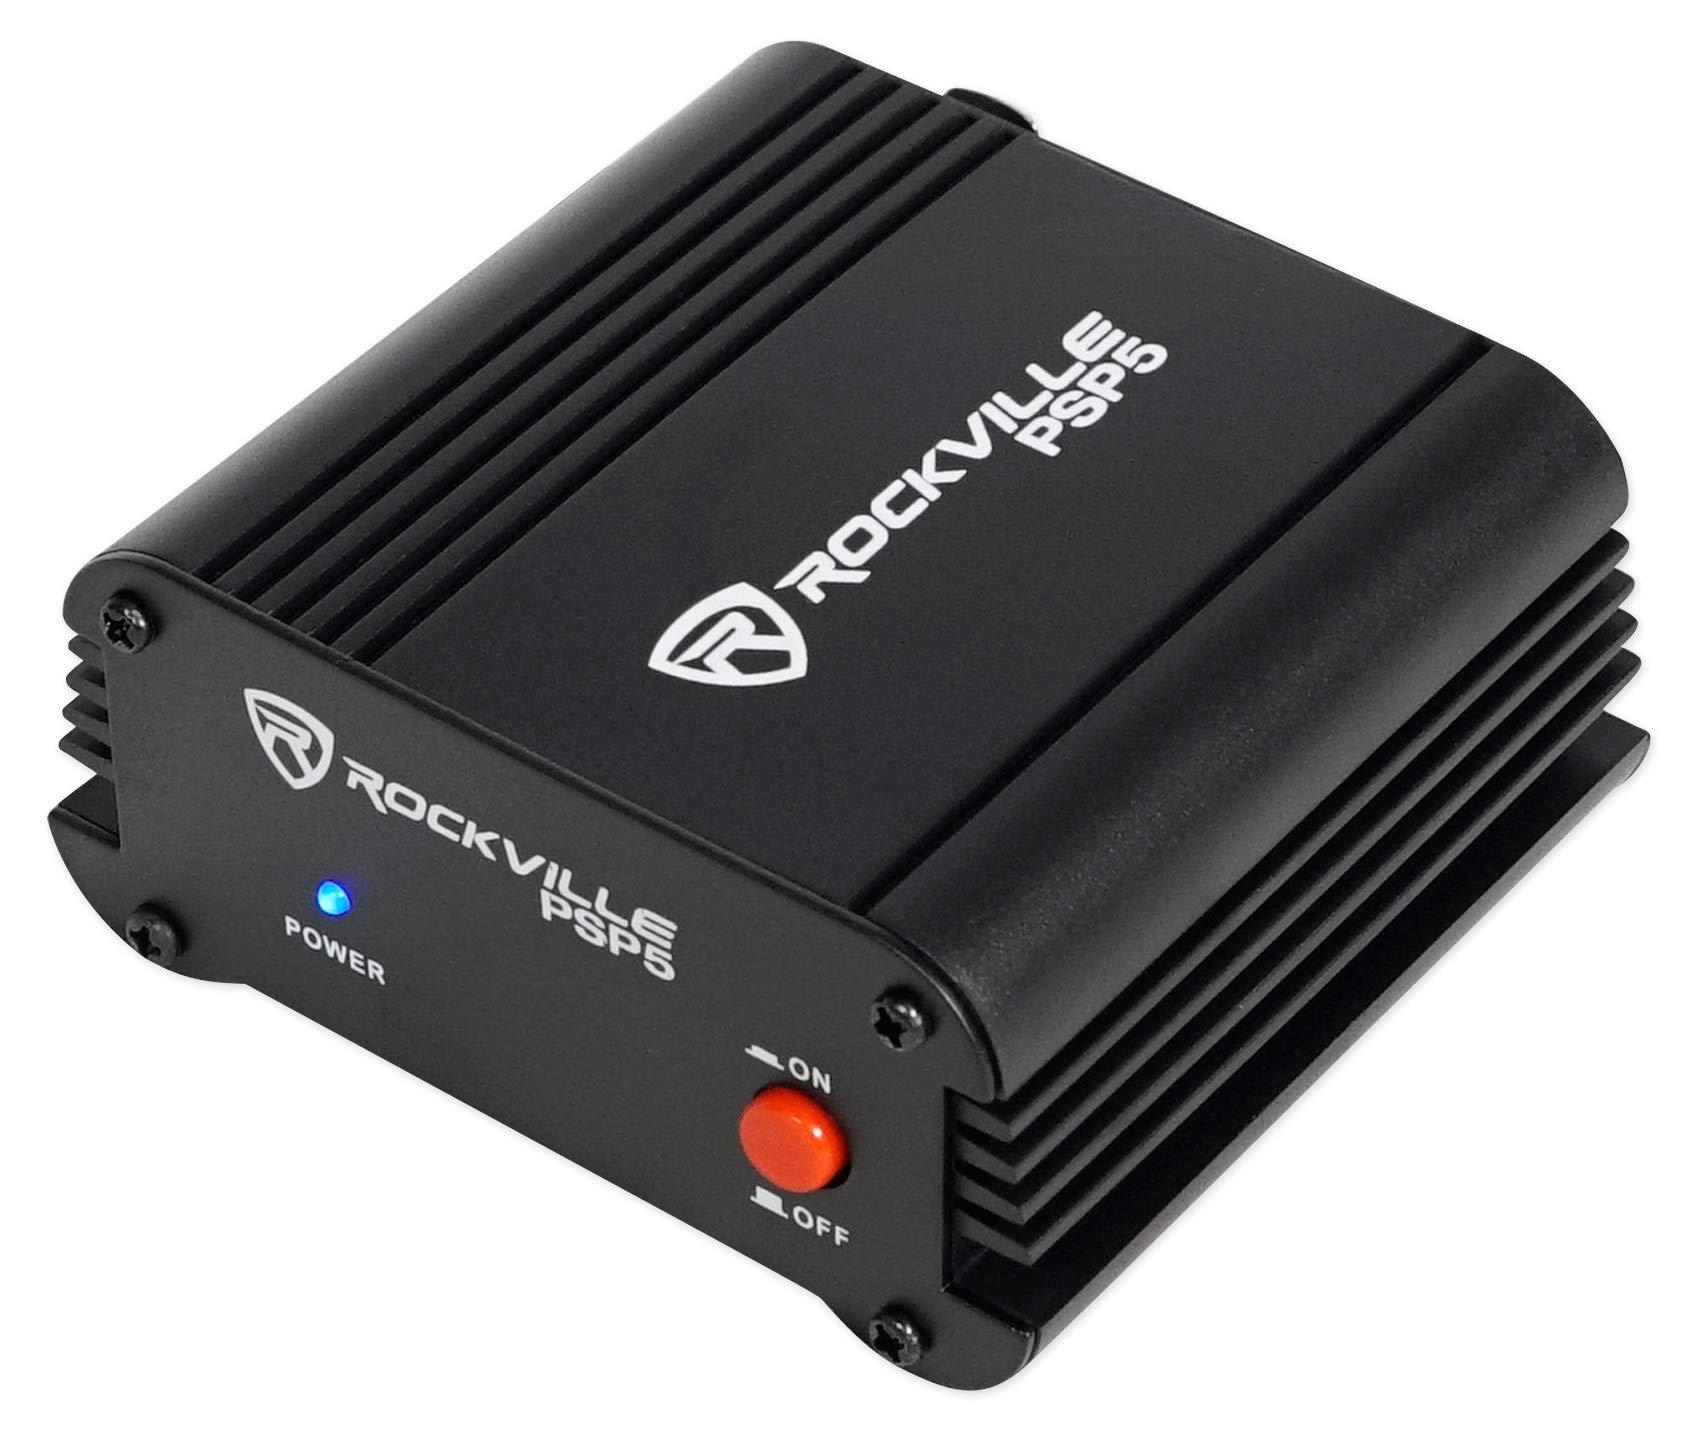 Rockville PSP5 Universal 48V Phantom Power Supply Box For Condenser Microphones